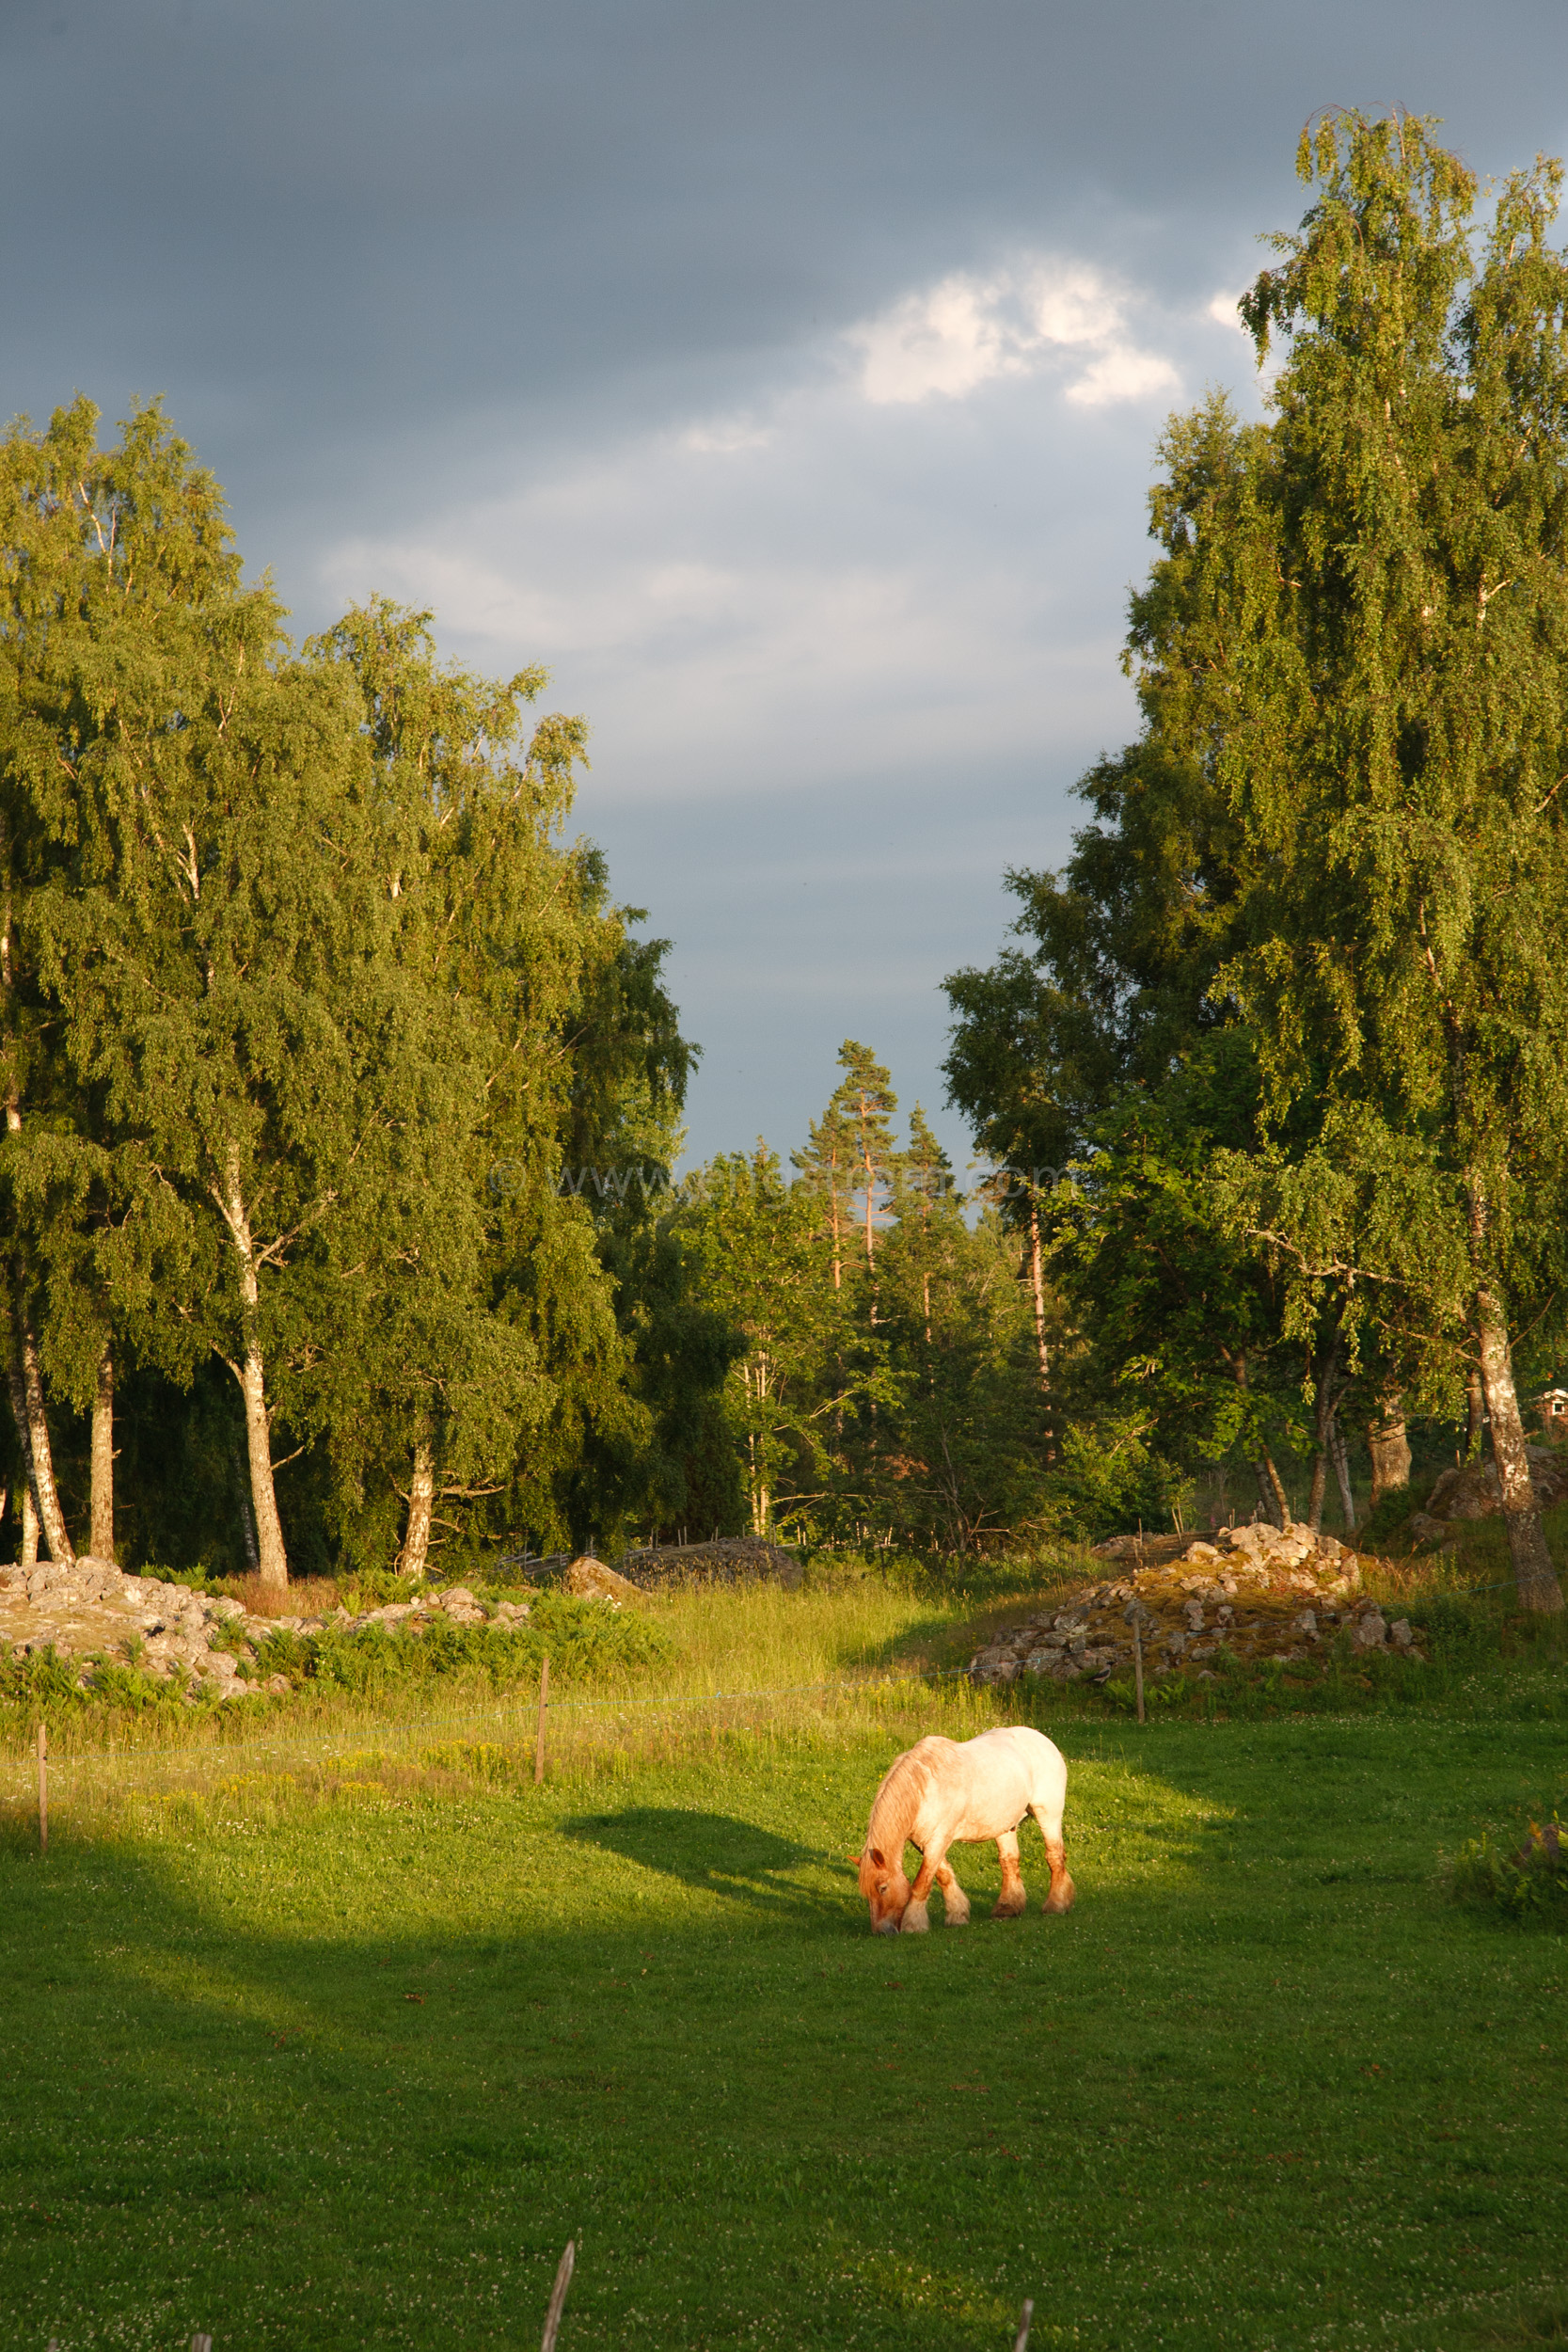 JE_20110707-195237, Arbetshäst på bete i solnedgång., Jonas Engström